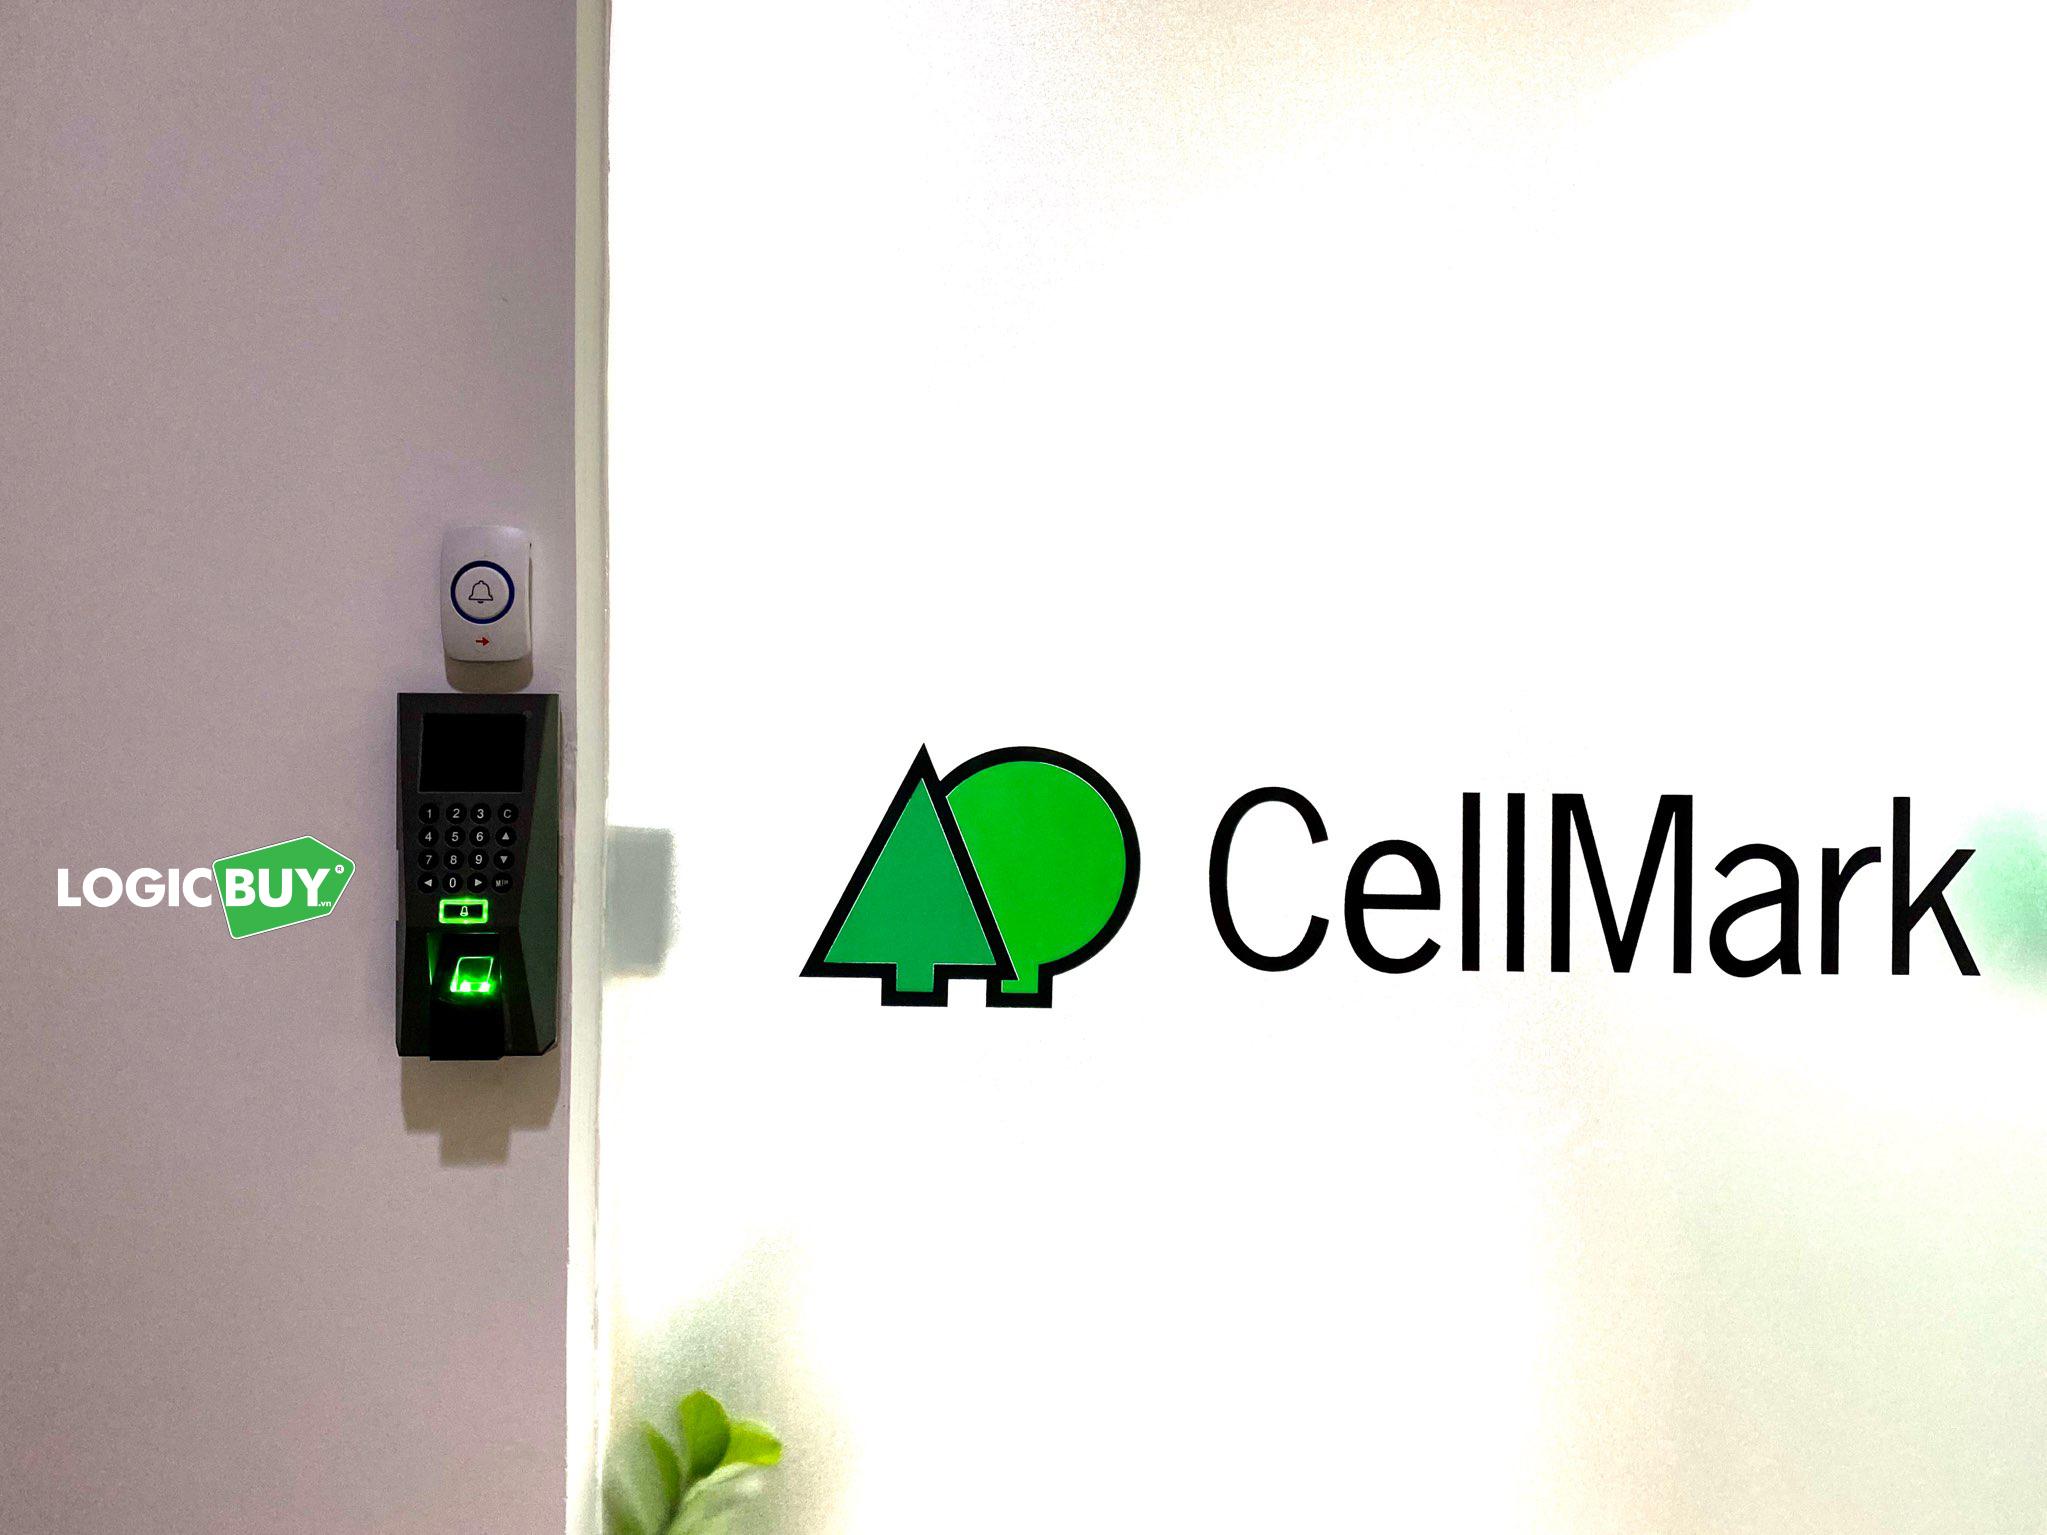 LogicBUY cung cấp giải pháp Smart Office cho Tập đoàn Cellmark (Thụy Điển).